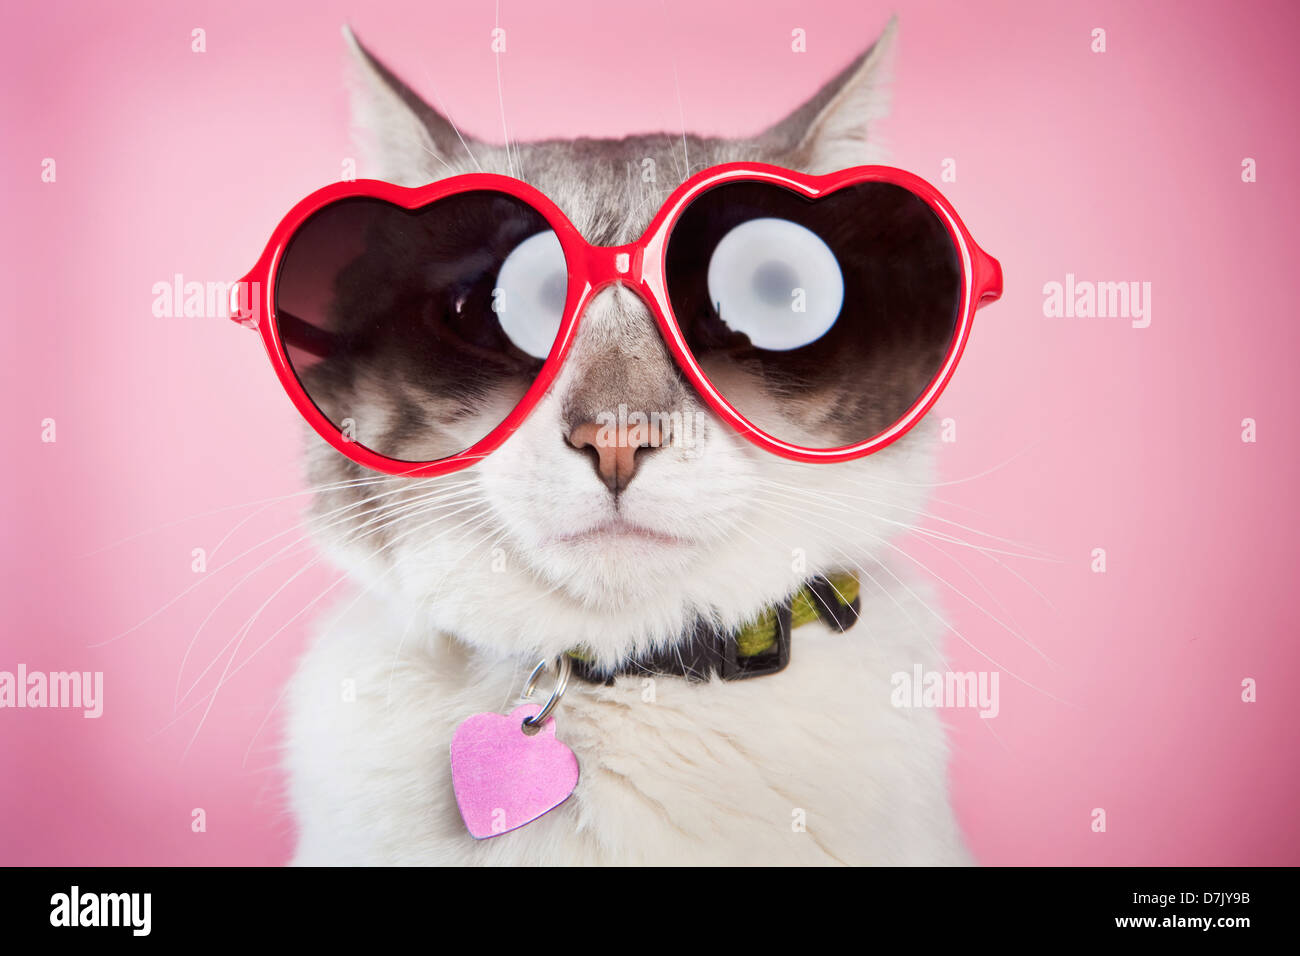 Valentine cat in posa con amore rosso occhiali da sole contro sfondo rosa Immagini Stock